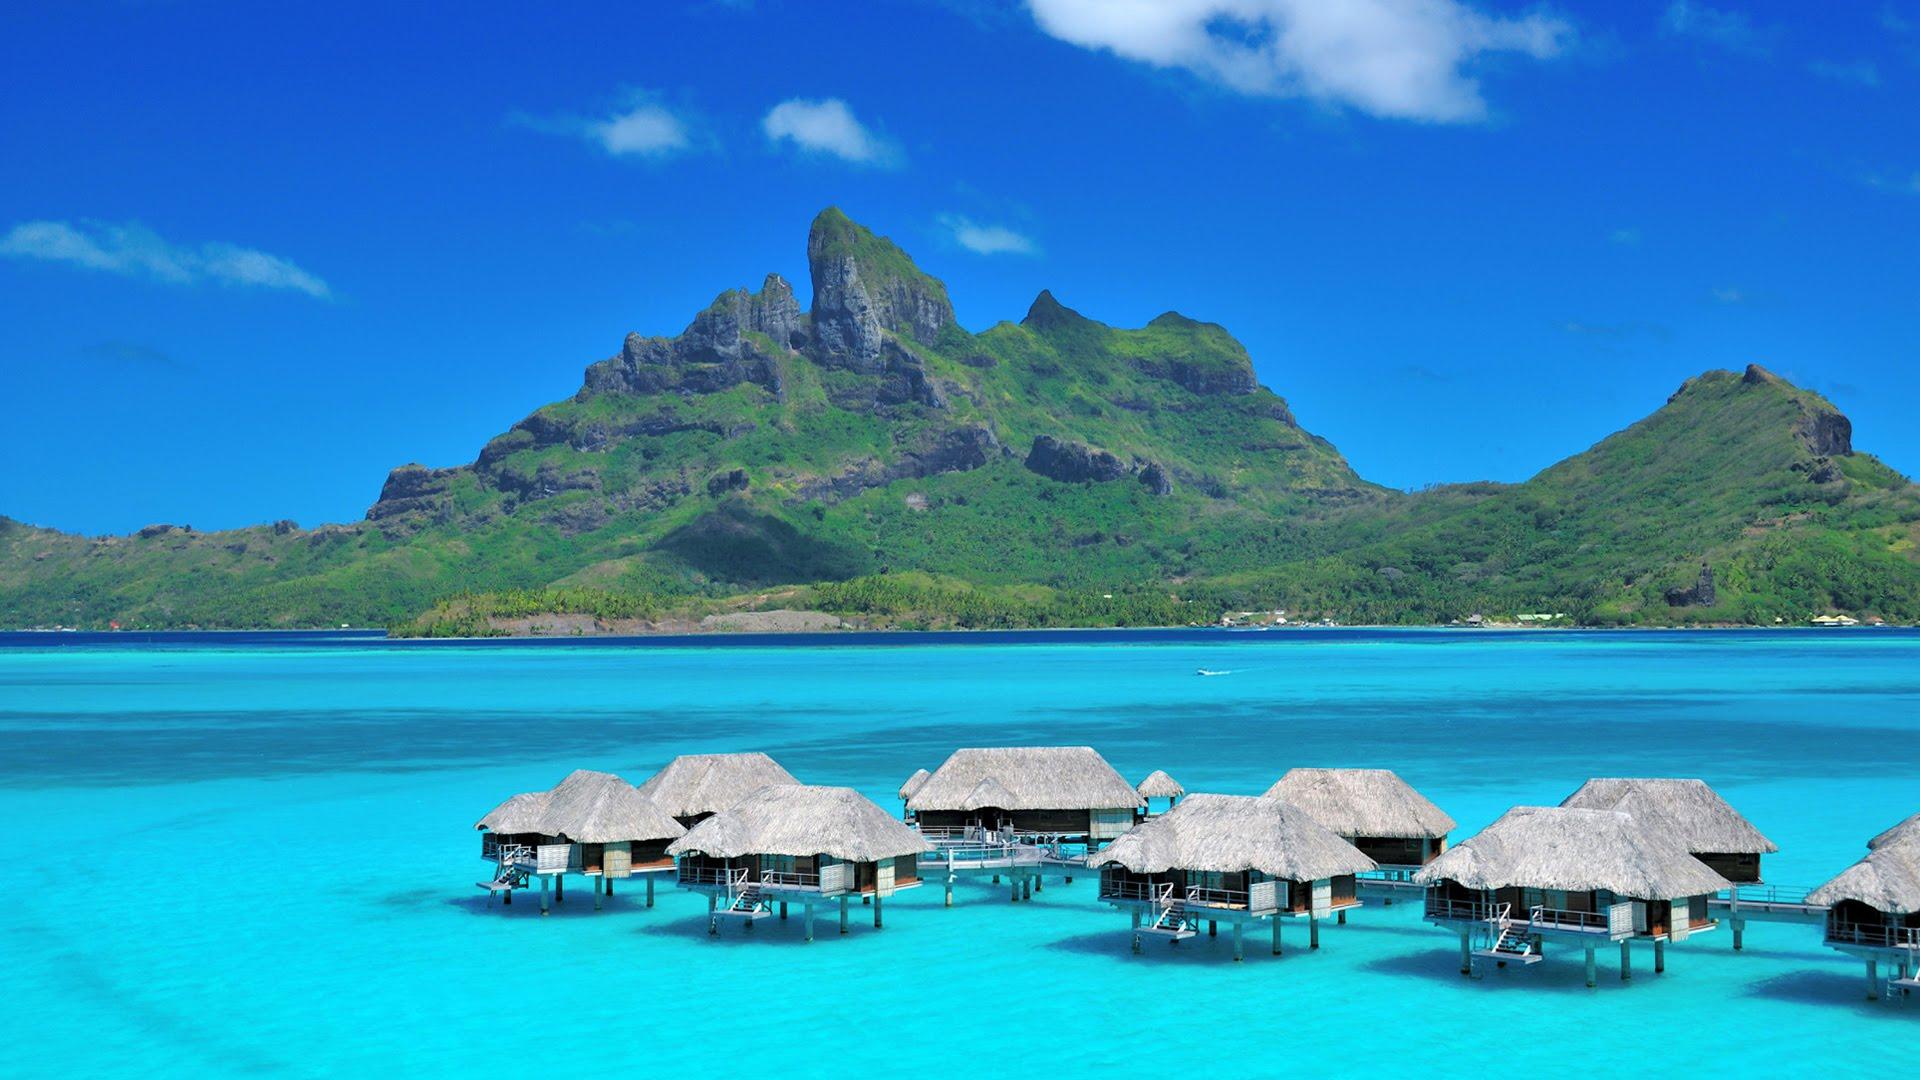 صورة اجمل الاماكن في العالم , اكثر اماكن سحرا وجمالا بالعالم